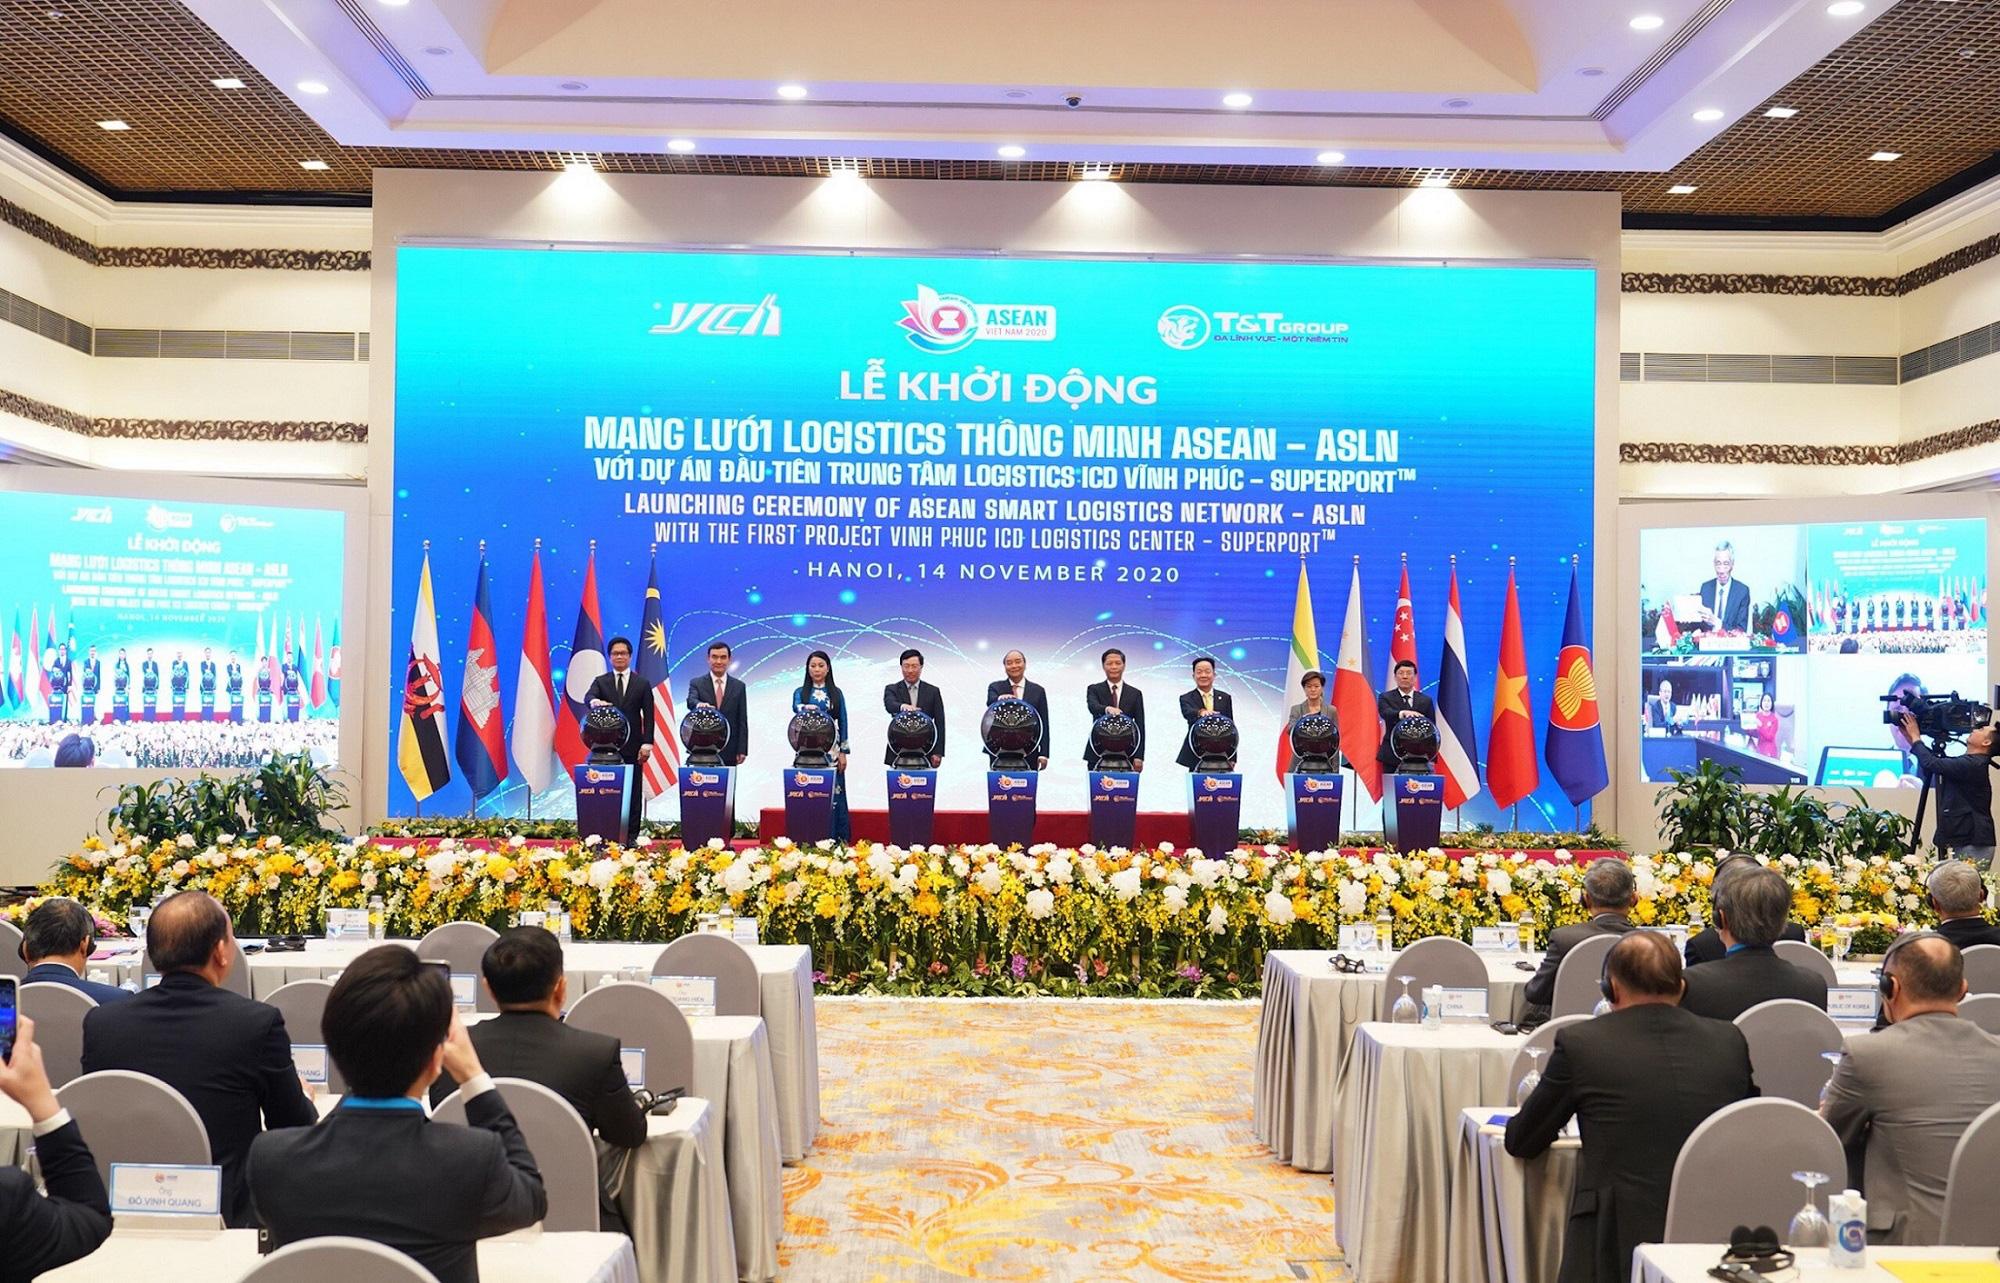 """Thủ tướng khởi động mạng lưới Logistics thông minh ASEAN với dự án đầu tiên """"Trung tâm Logistics ICD Vĩnh Phúc"""" - Ảnh 1."""